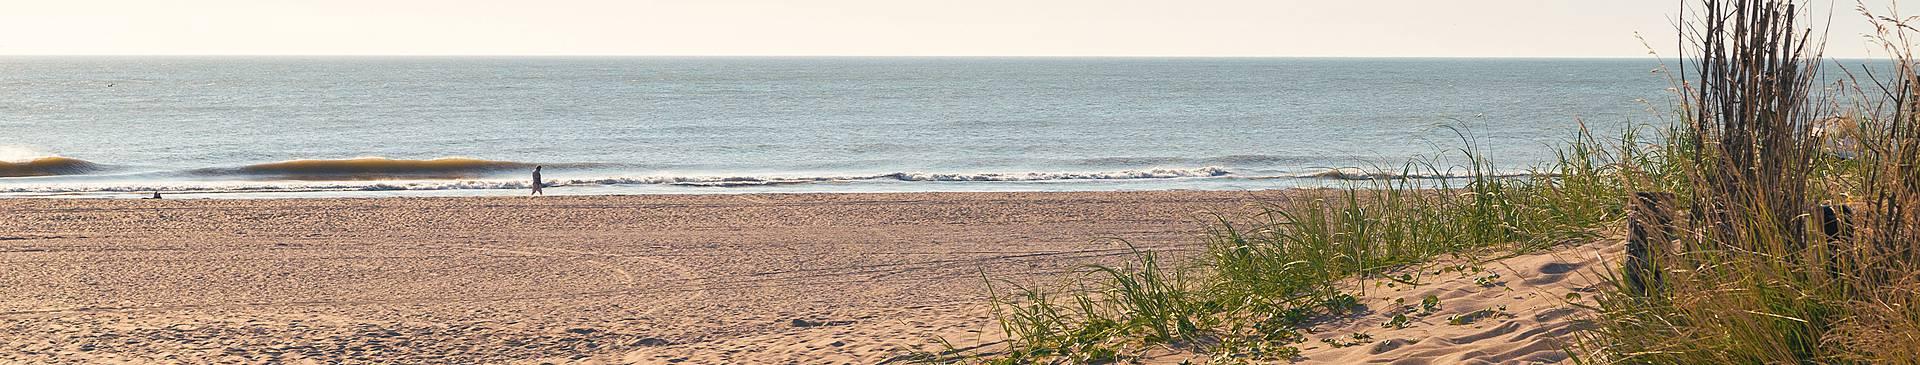 Strand und Meer Argentinien Reisen